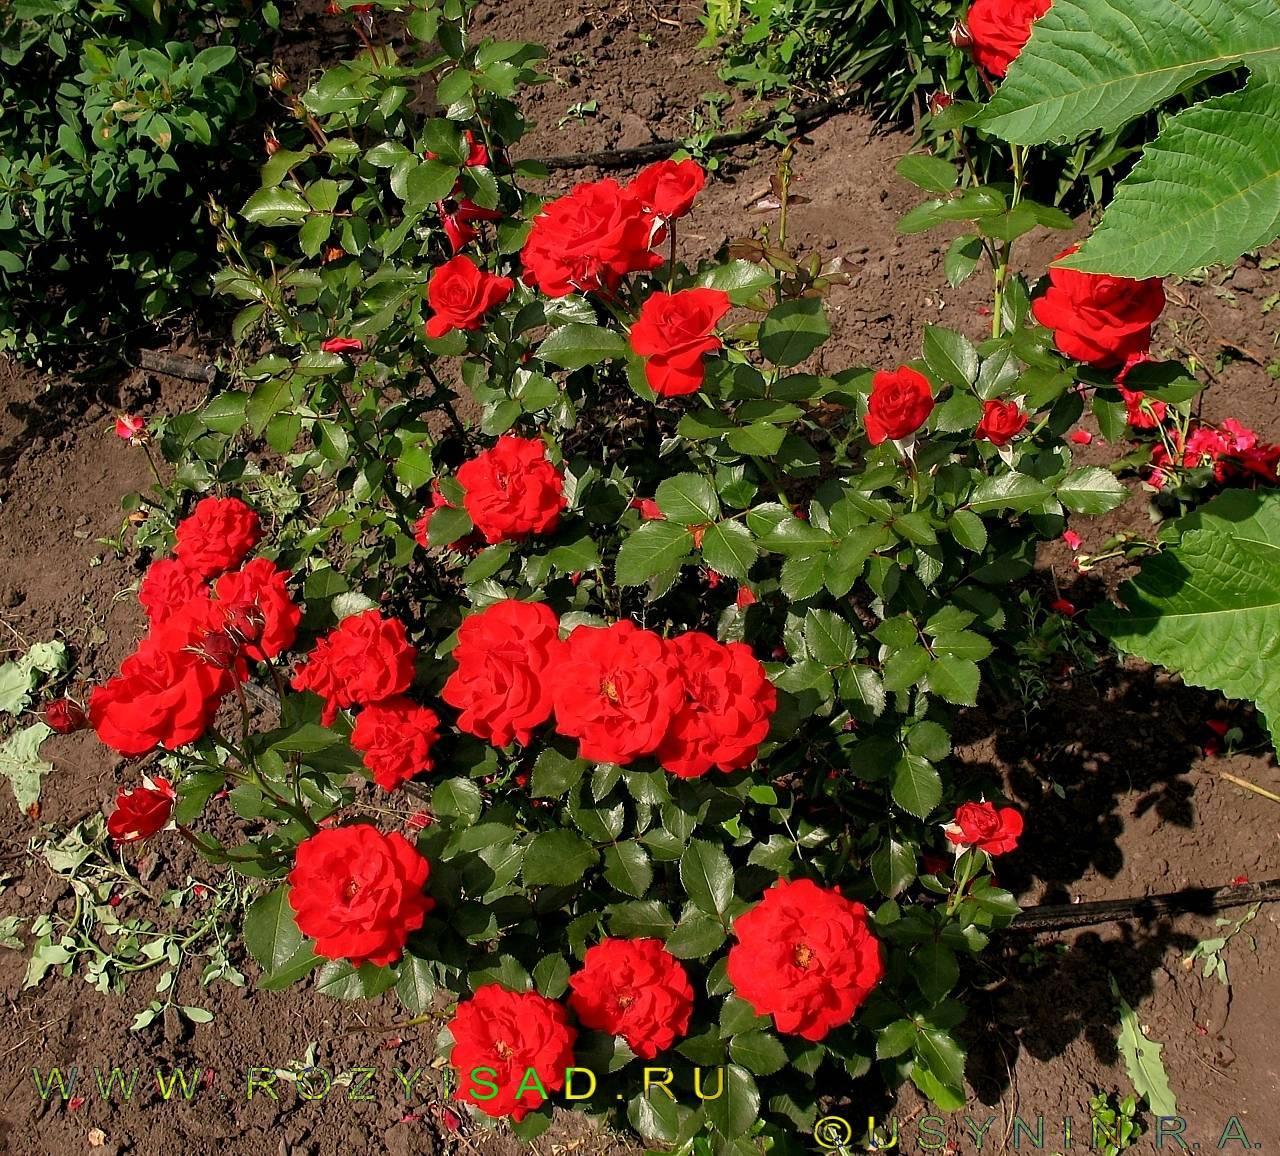 Бордюрные розы (35 фото): сорта с названиями и описаниями, особенности ухода и выращивания, посадка бордюрных роз в саду. как их обрезать и укрыть на зиму?